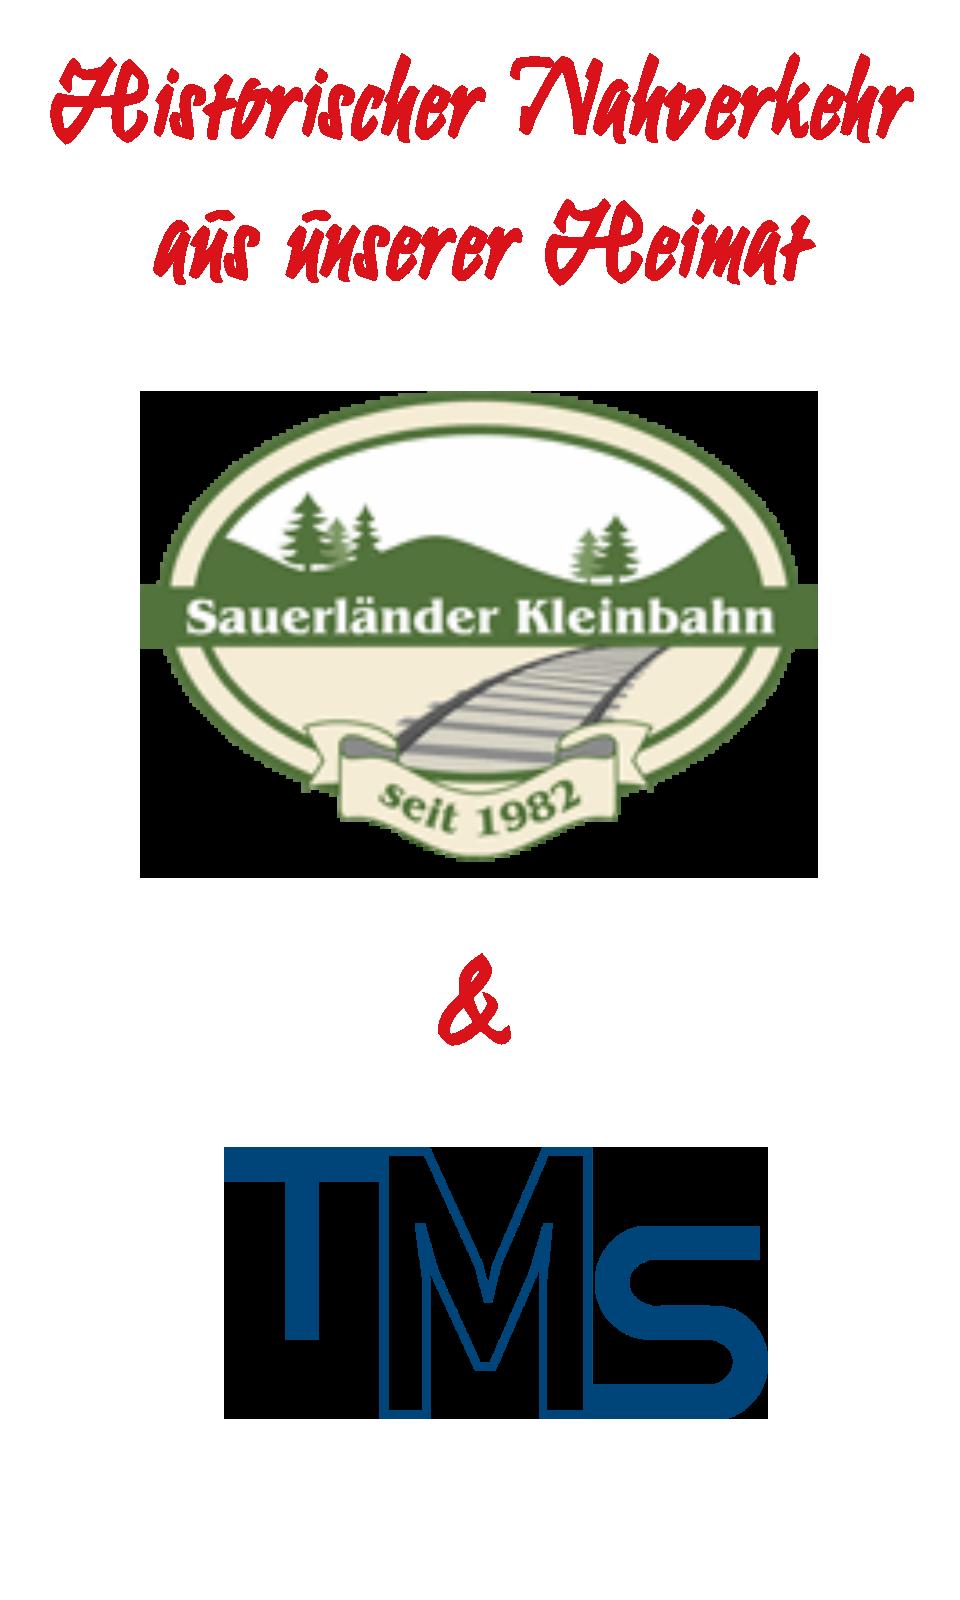 Historischer Nahverkehr aus unserer Heimat: Sauerländer Kleinbahn & TMS